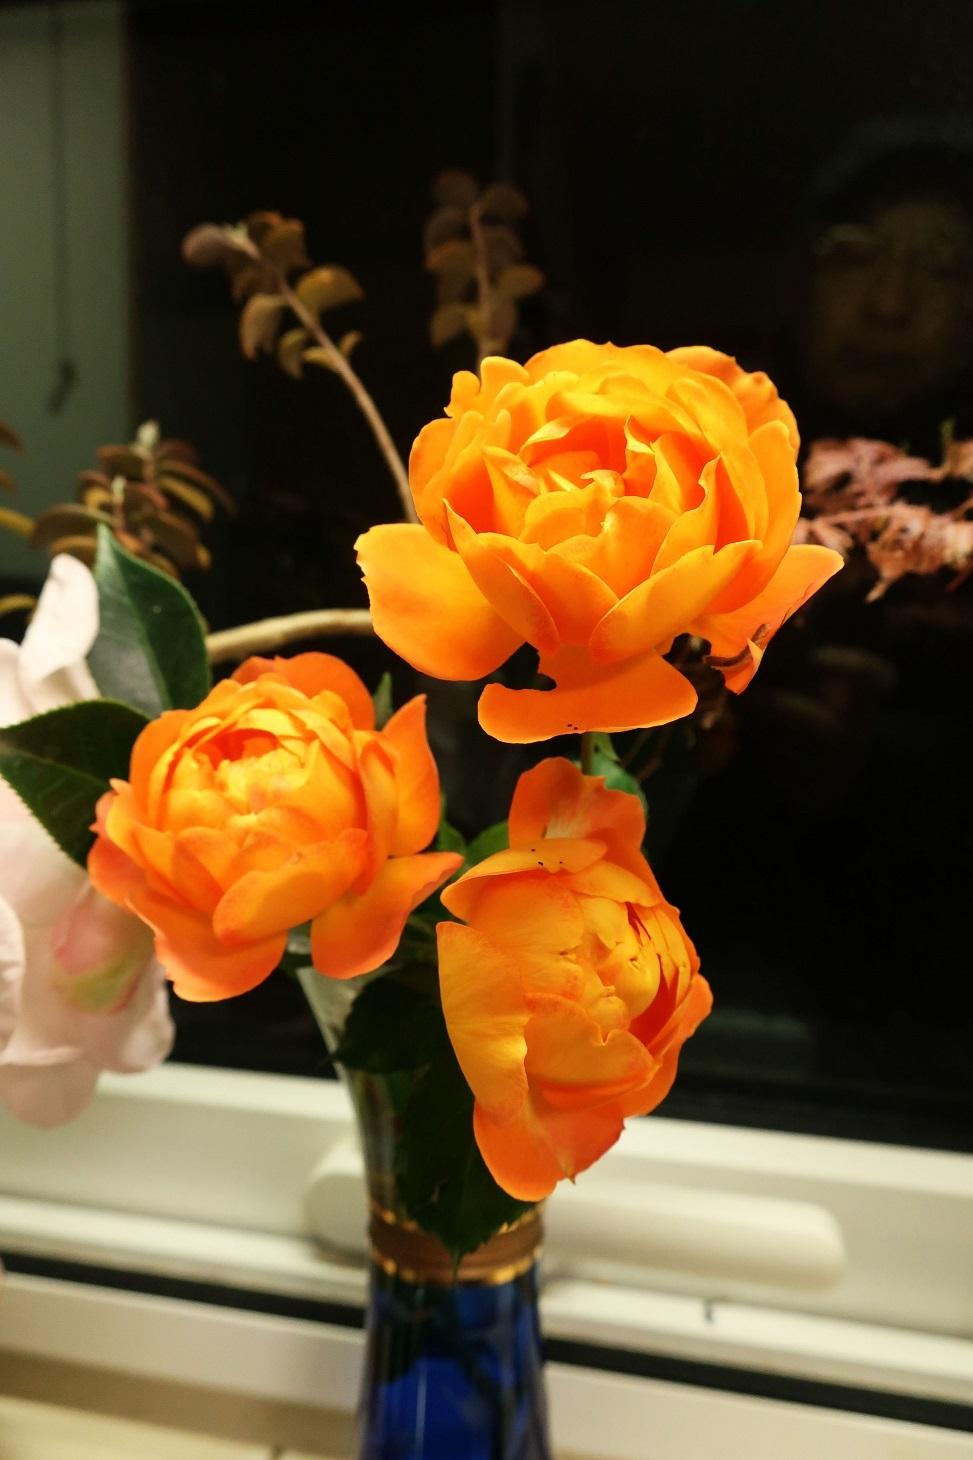 ハニーキャラメル ~庭の秋薔薇~_a0107574_19384647.jpg